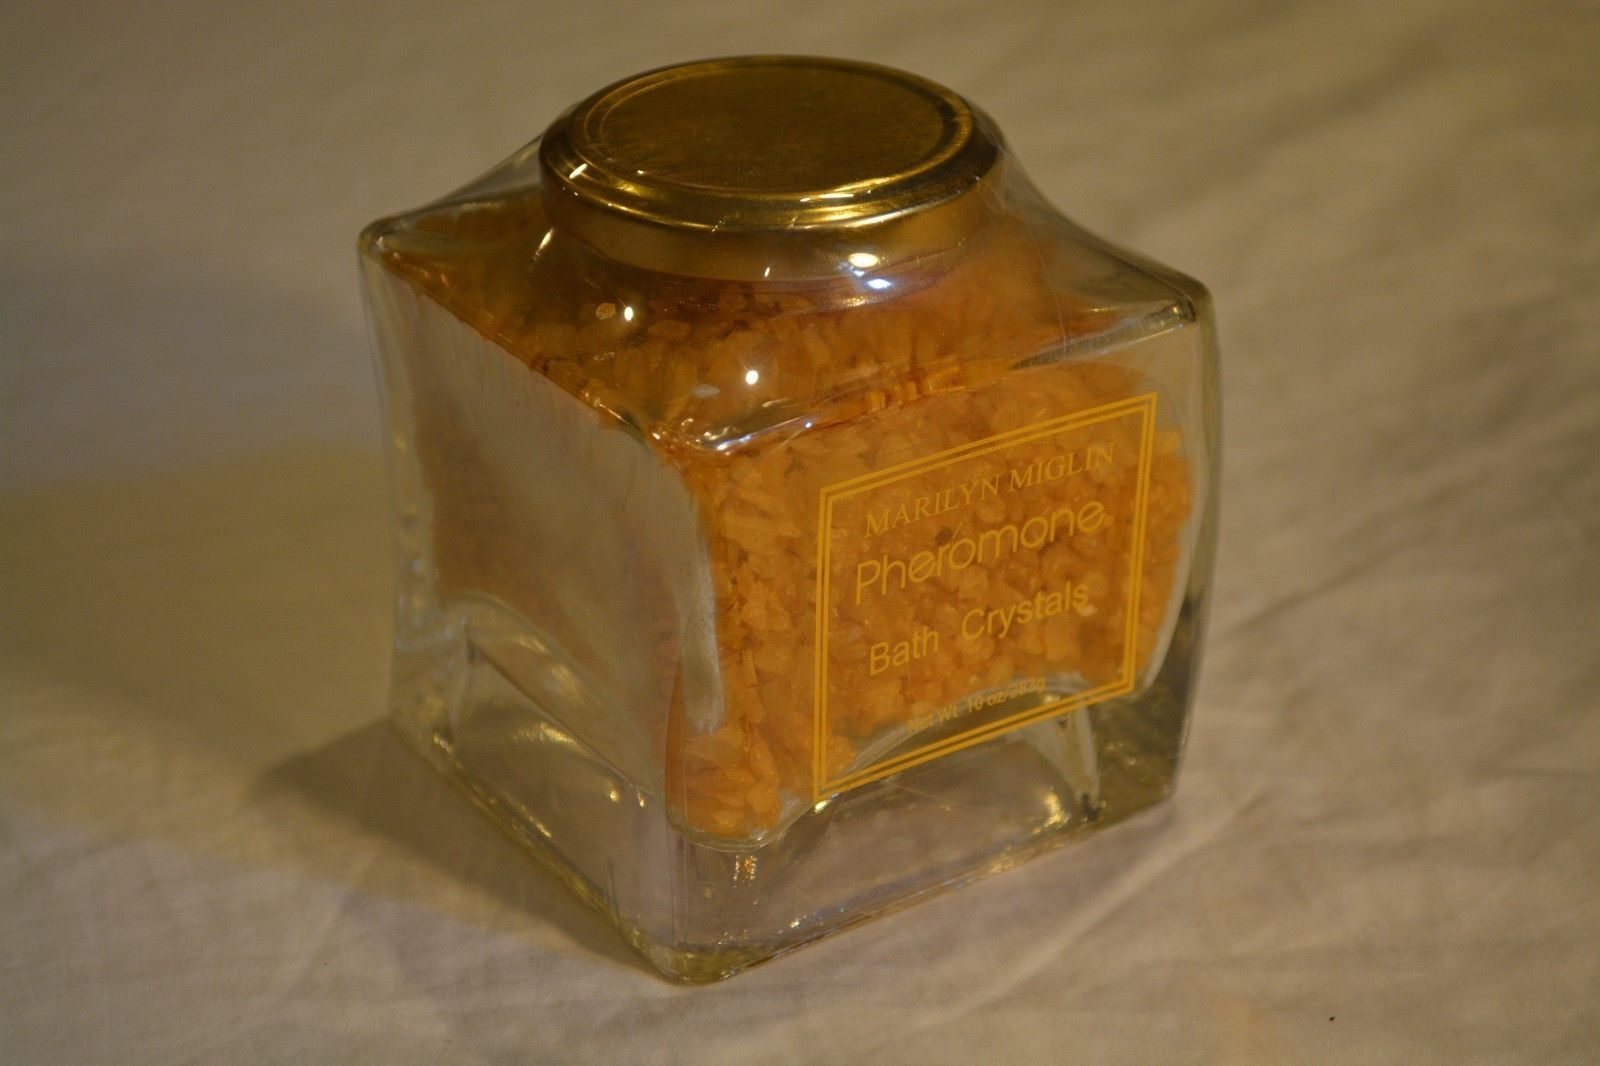 Marilyn Miglin Pheromone Bath Crystals 10 oz Glass Jar